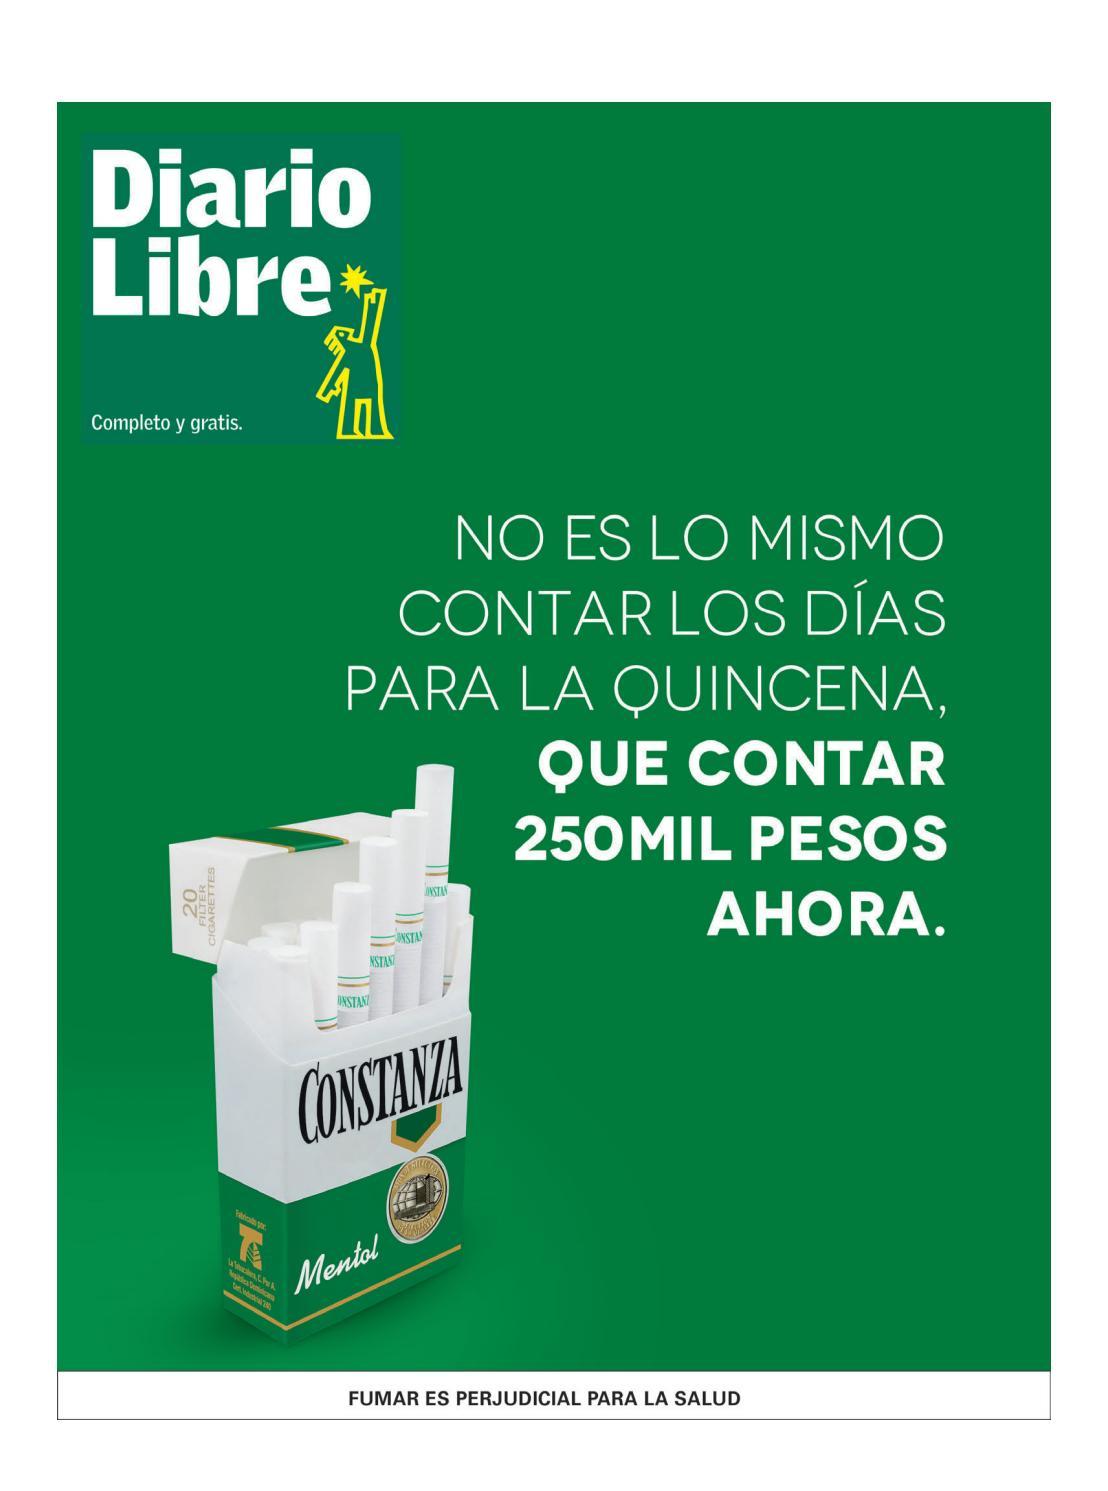 Diariolibre4628 by Grupo Diario Libre, S. A. - issuu